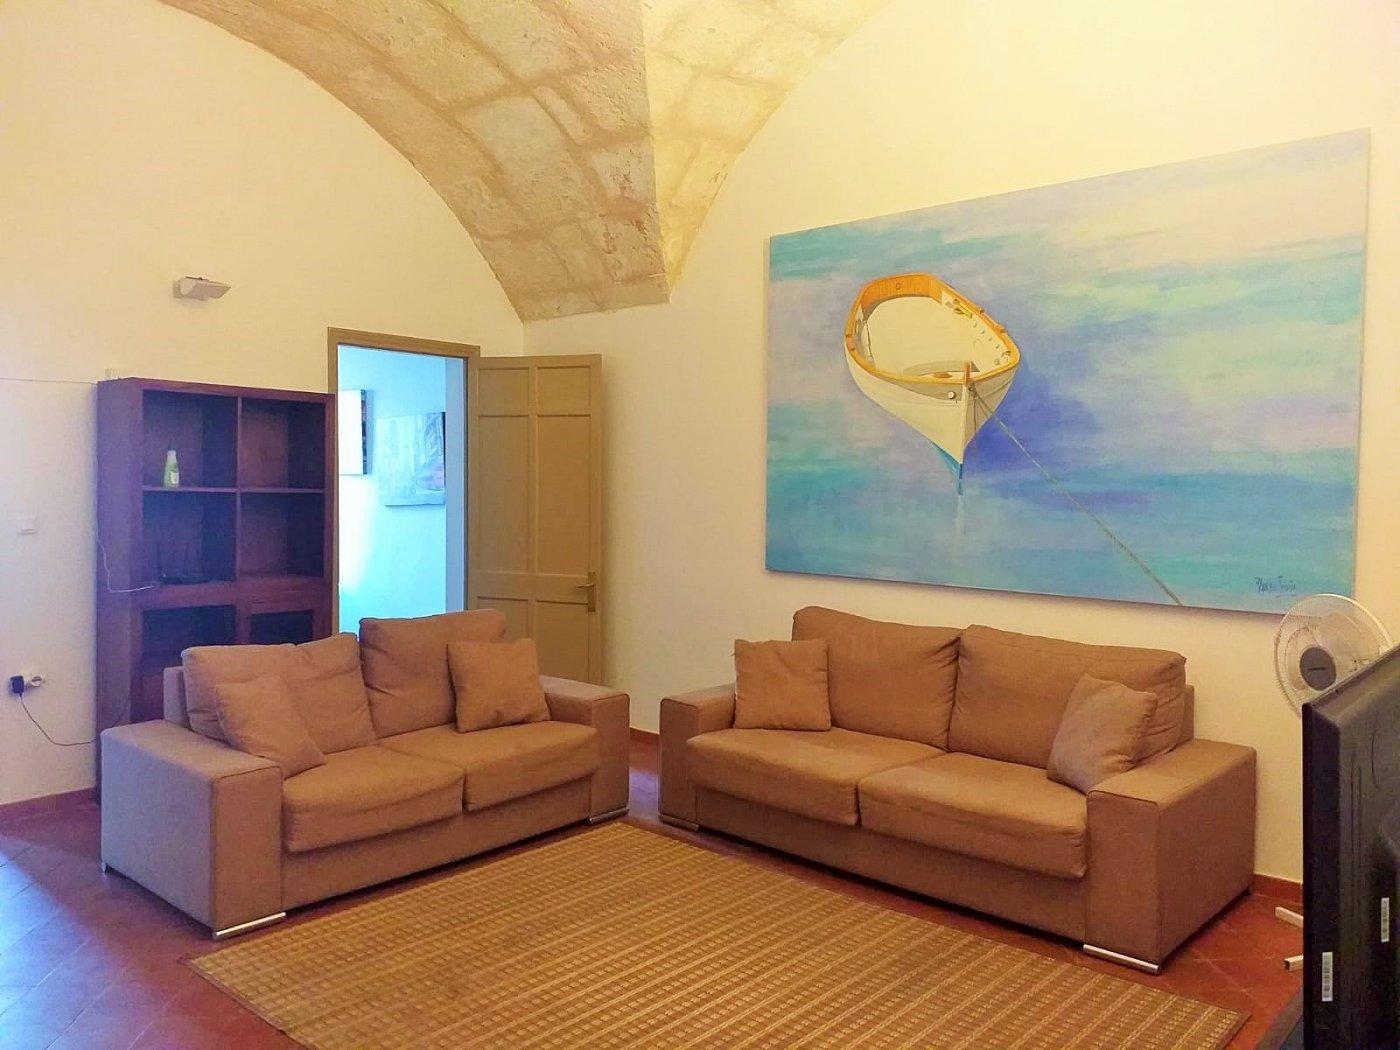 Miete Haus  Ciutadella de menorca ,casco antiguo. Casa unifamiliar en casco antiguo.